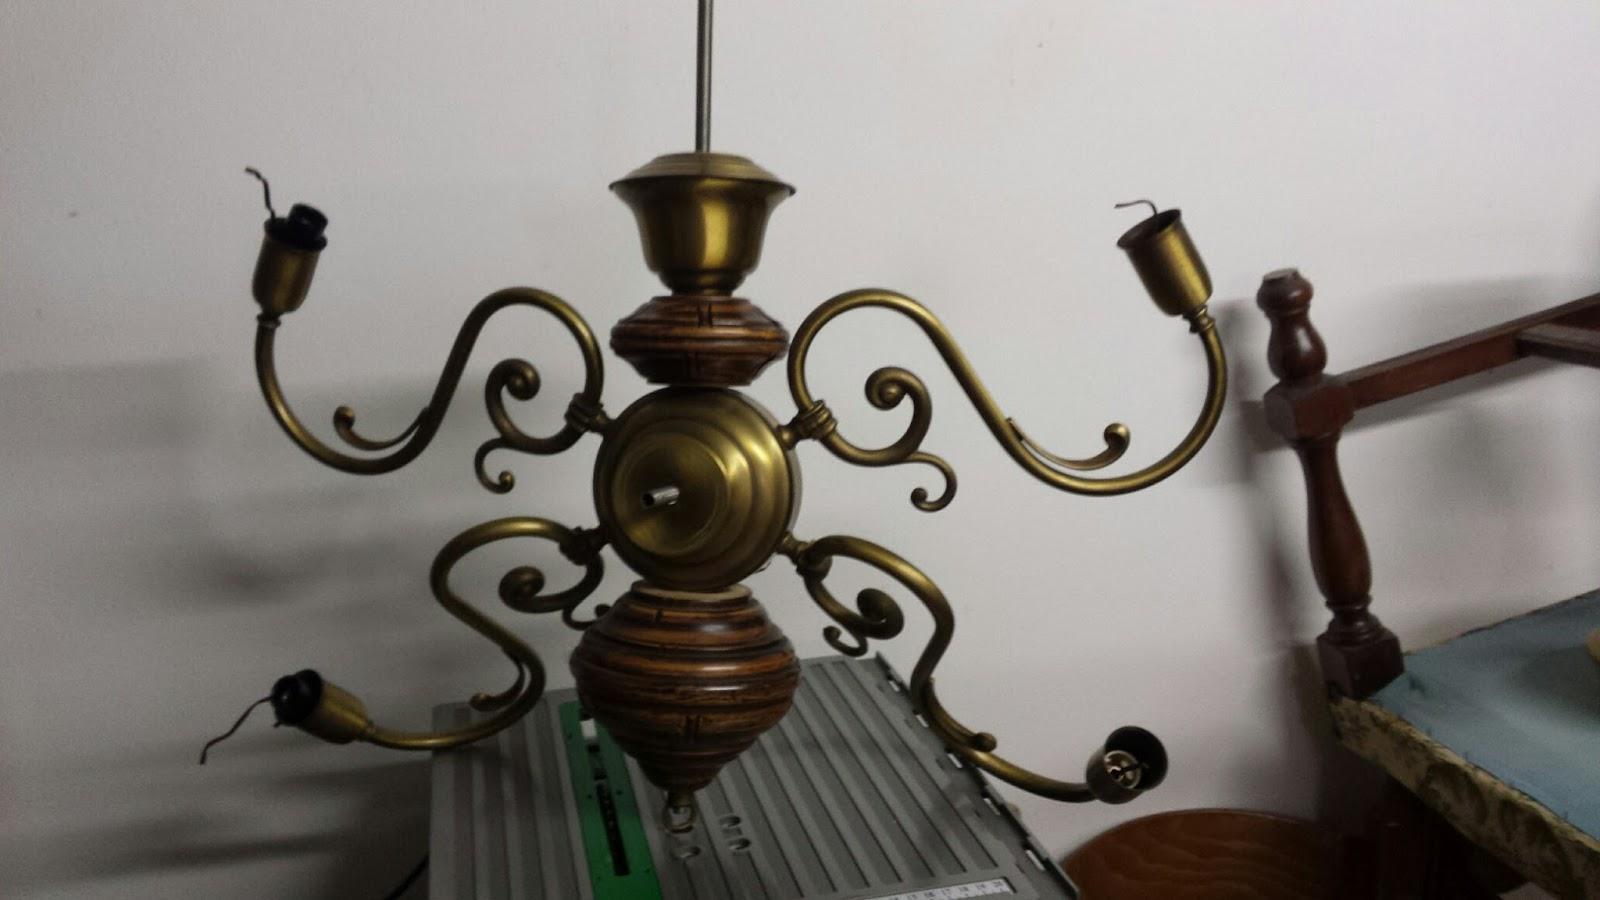 Filippo gianchecchi architetto fai da te lampada ape for Architetto fai da te